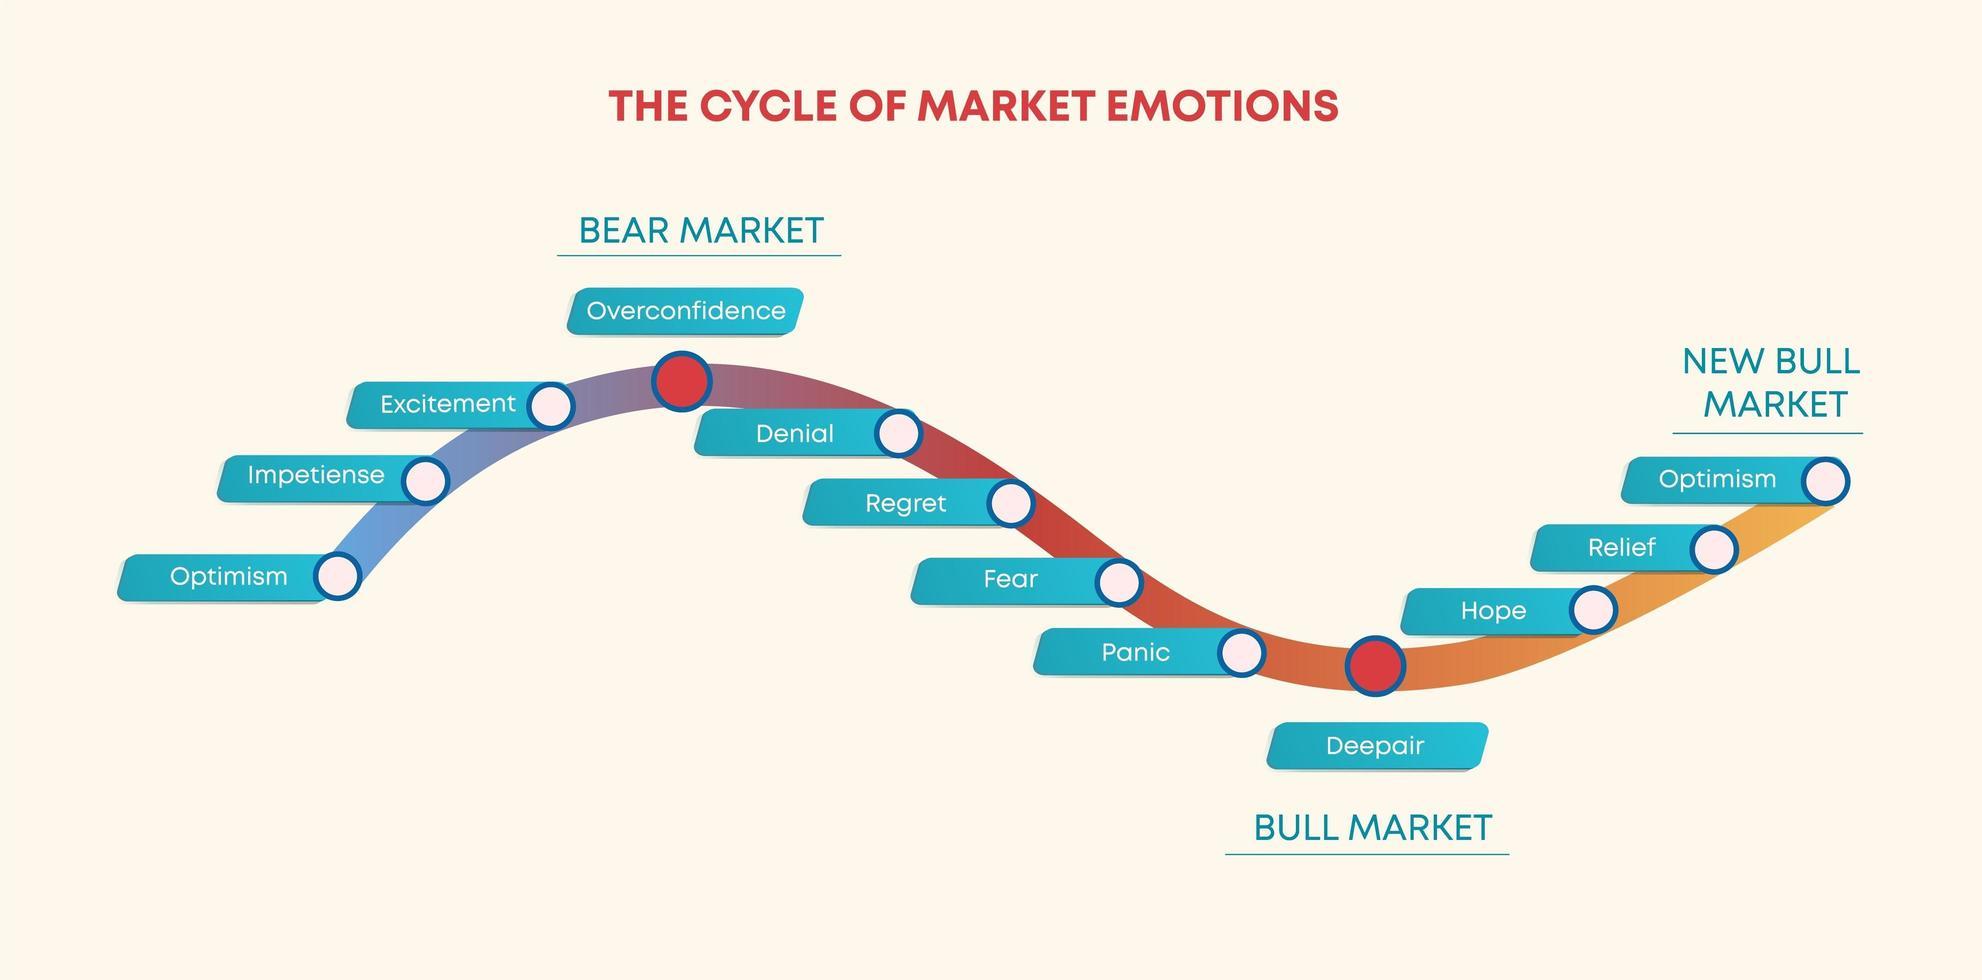 ciclo de emoções do comércio de mercado vetor